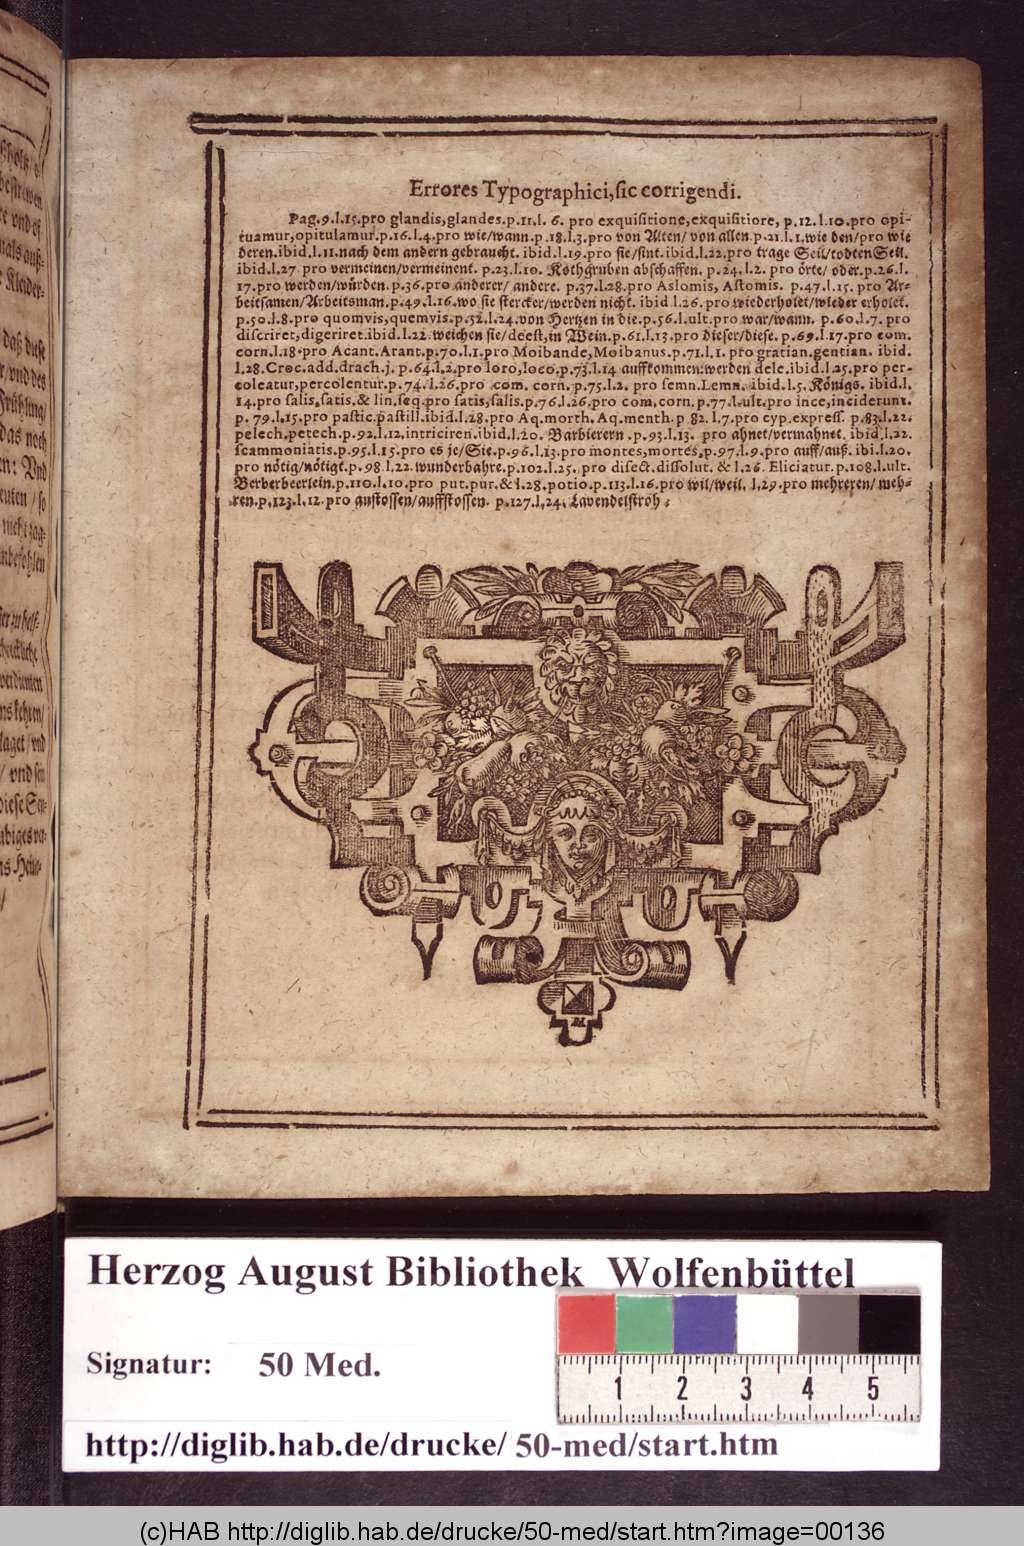 http://diglib.hab.de/drucke/50-med/00136.jpg